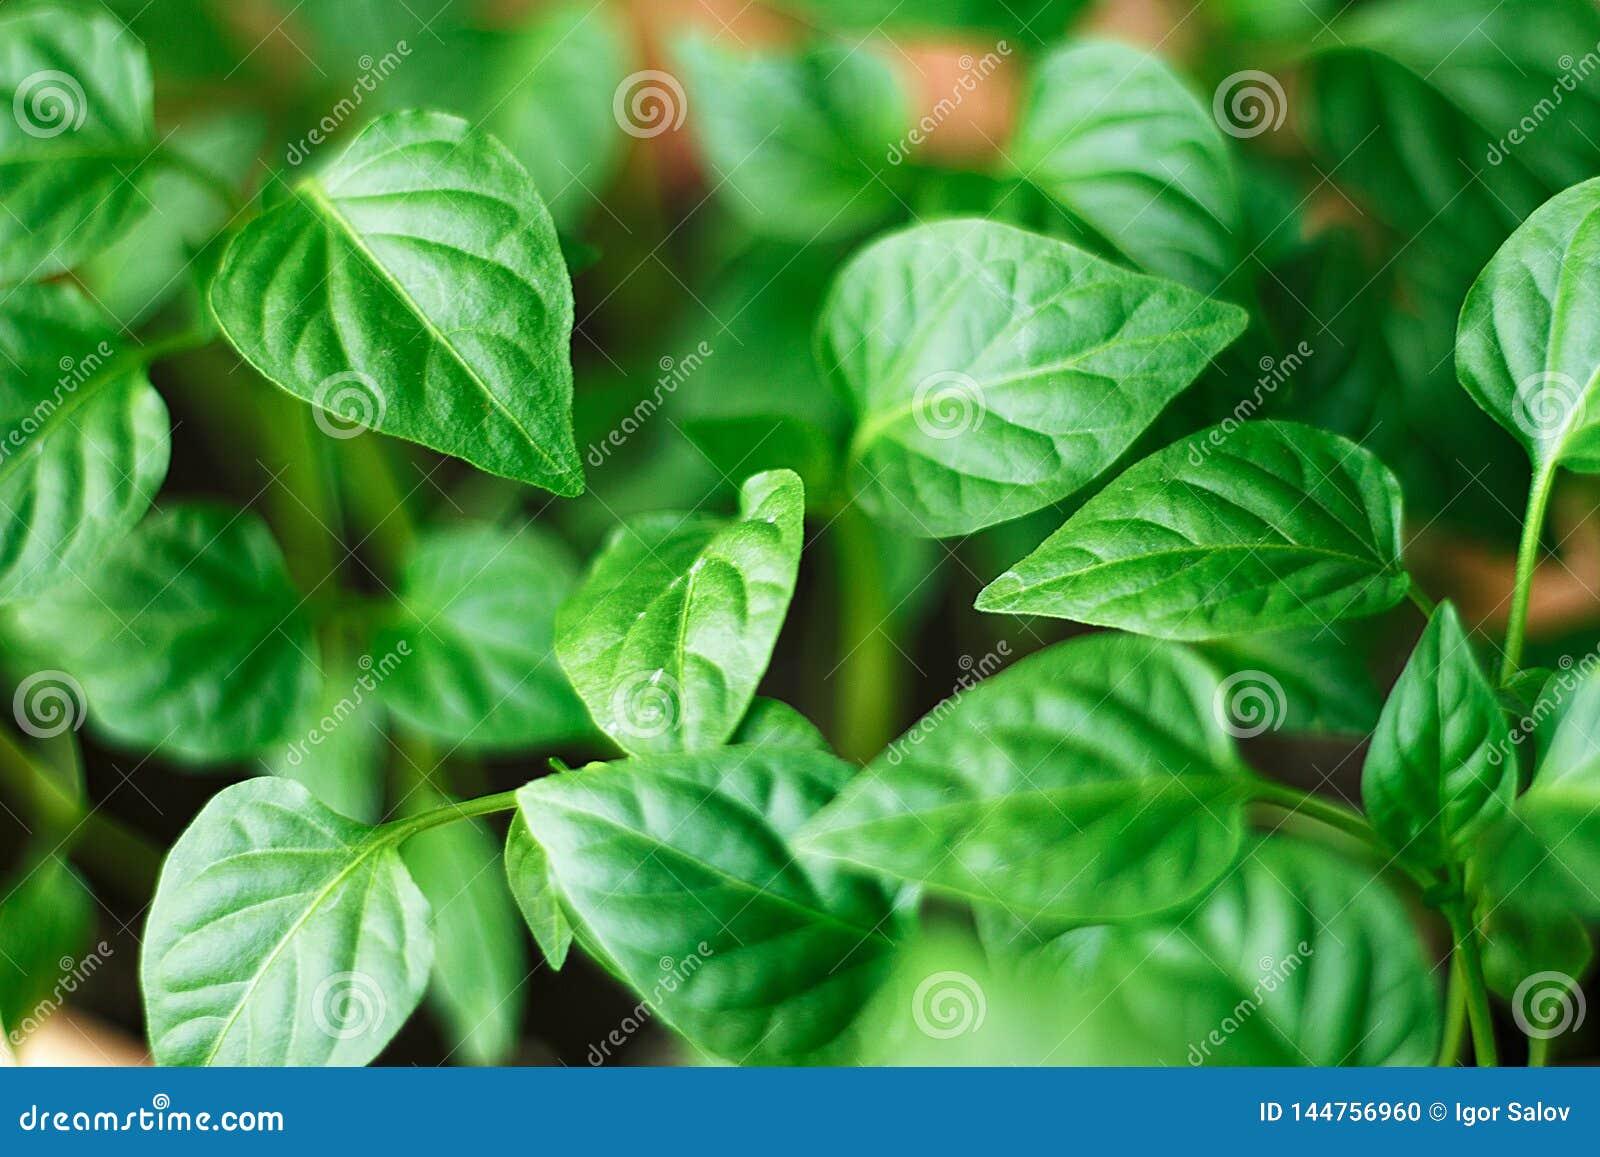 Jeunes pousses vertes de poivron doux avec les feuilles juteuses Jeunes plantes de paprika